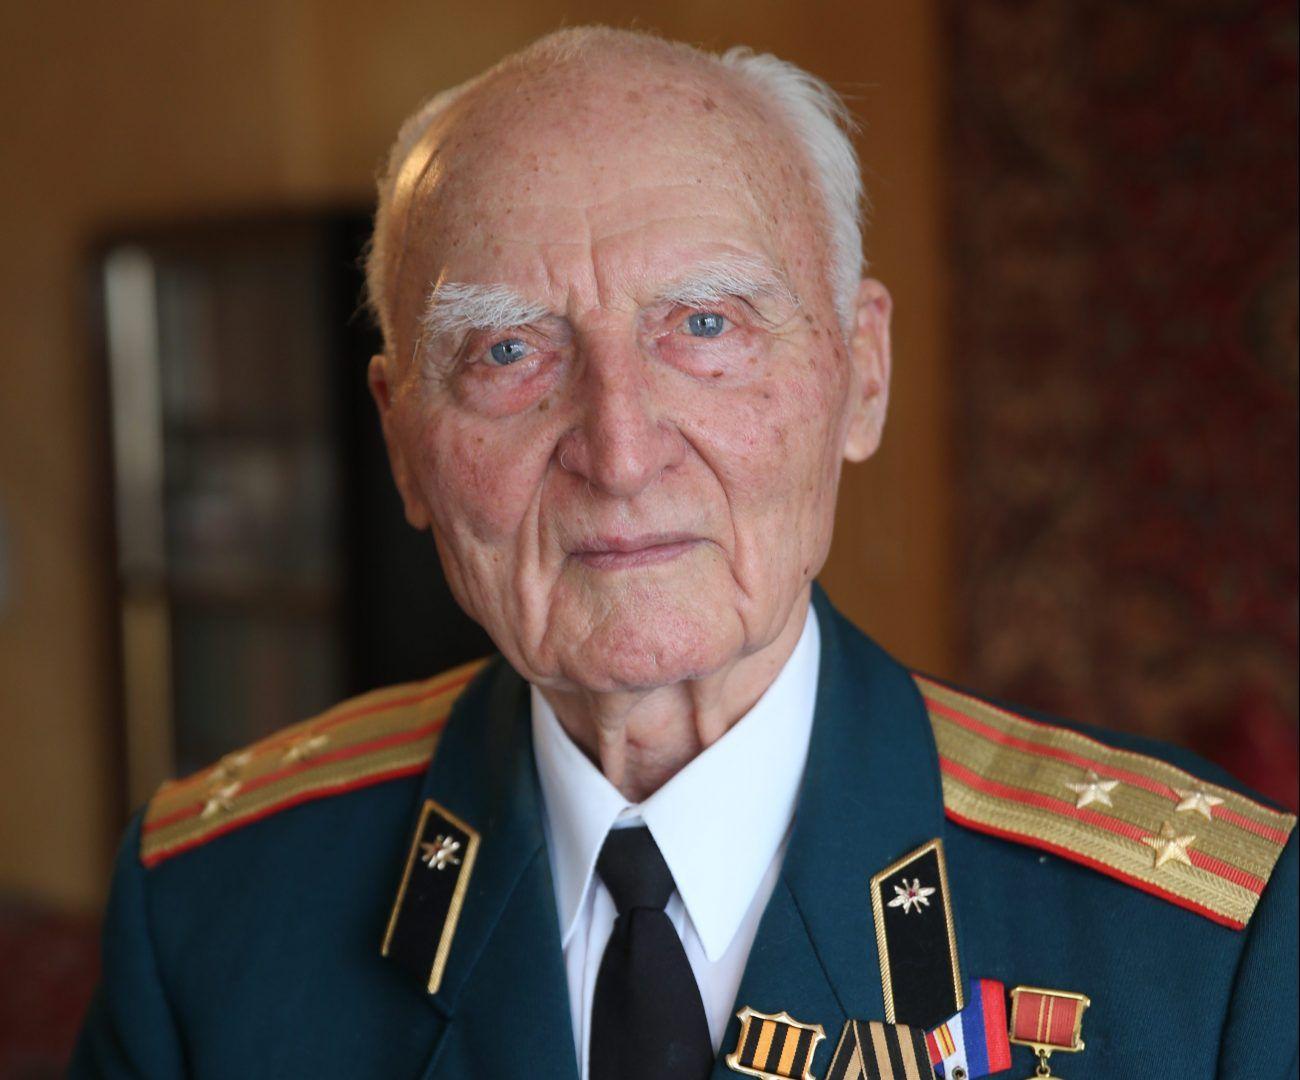 26 января 2020 года. Николай Станиславович Ярко. Фото: Владимир Смоляков